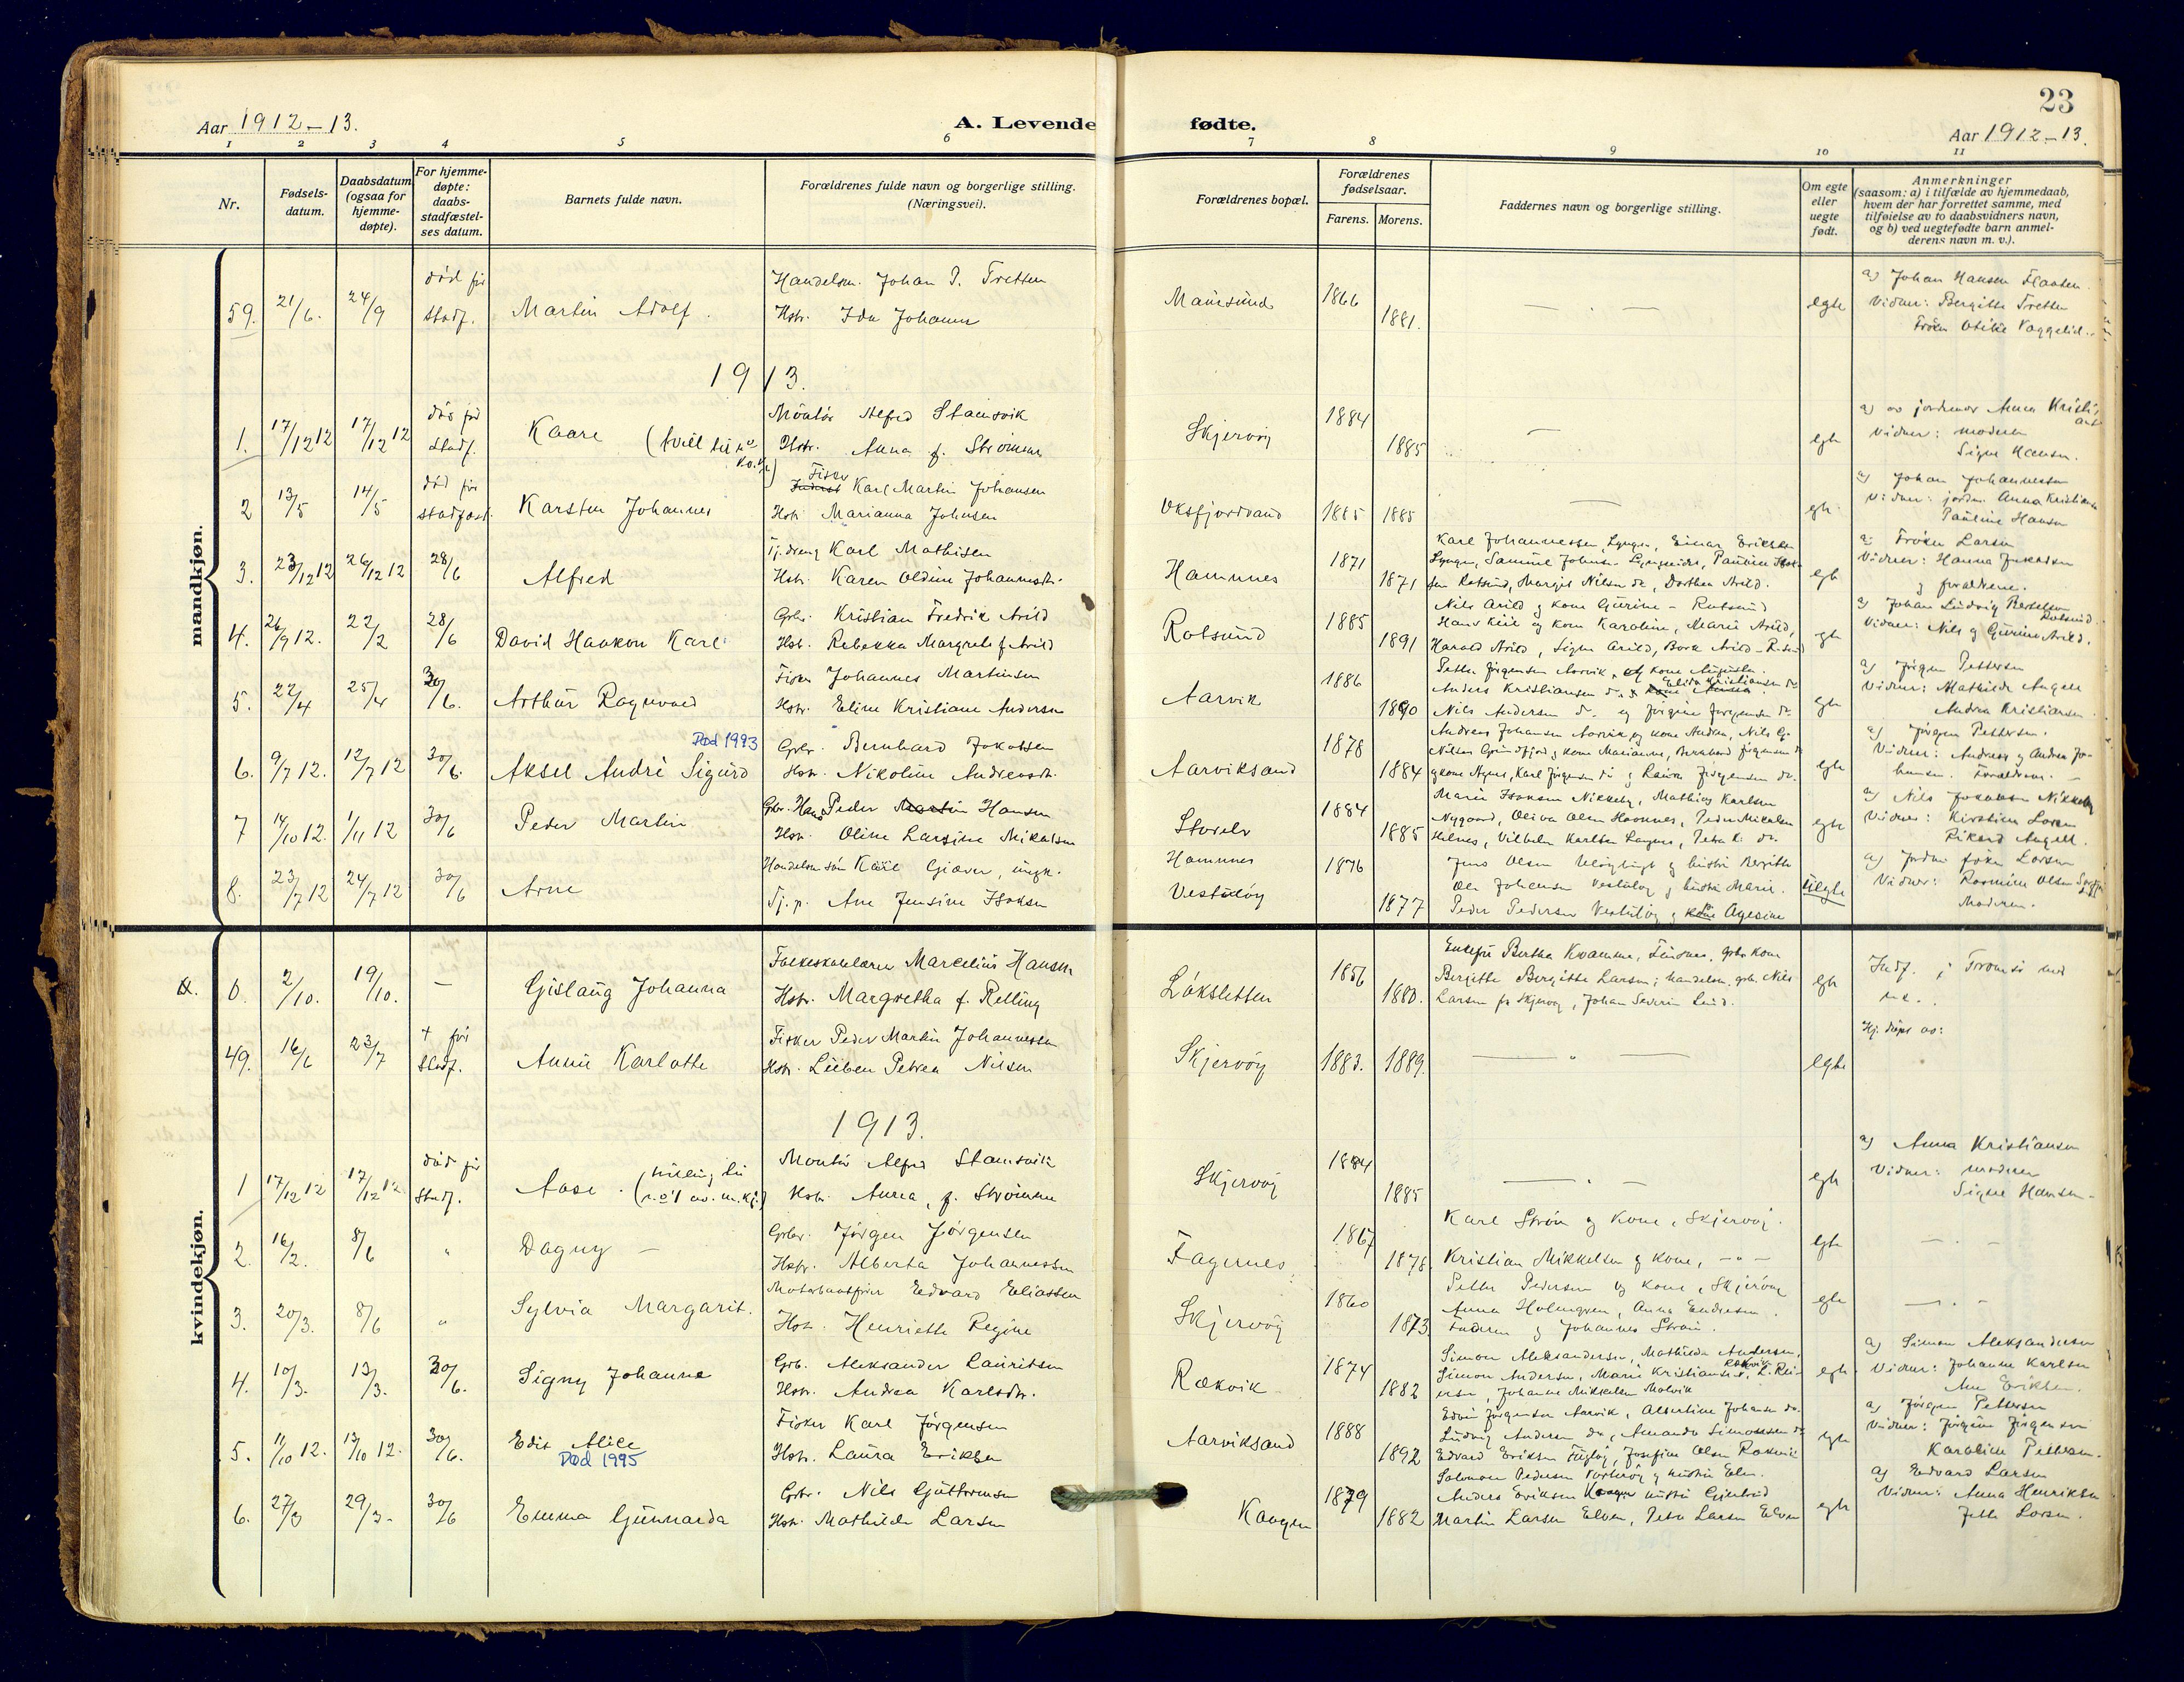 SATØ, Skjervøy sokneprestkontor, H/Ha/Haa: Ministerialbok nr. 18, 1910-1926, s. 23